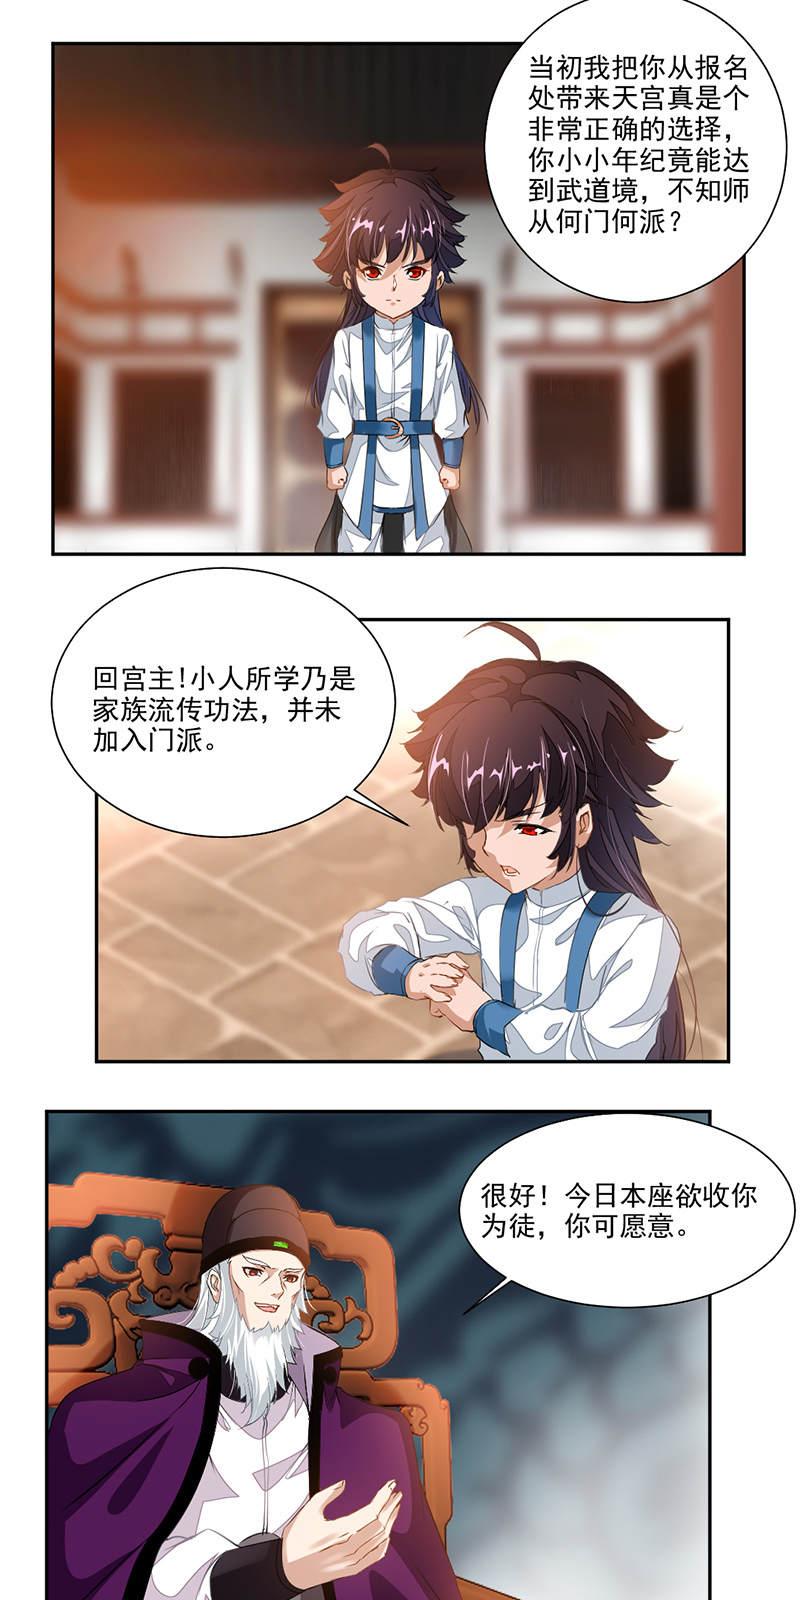 九阳神王第66话  斗法殿比试 第 4